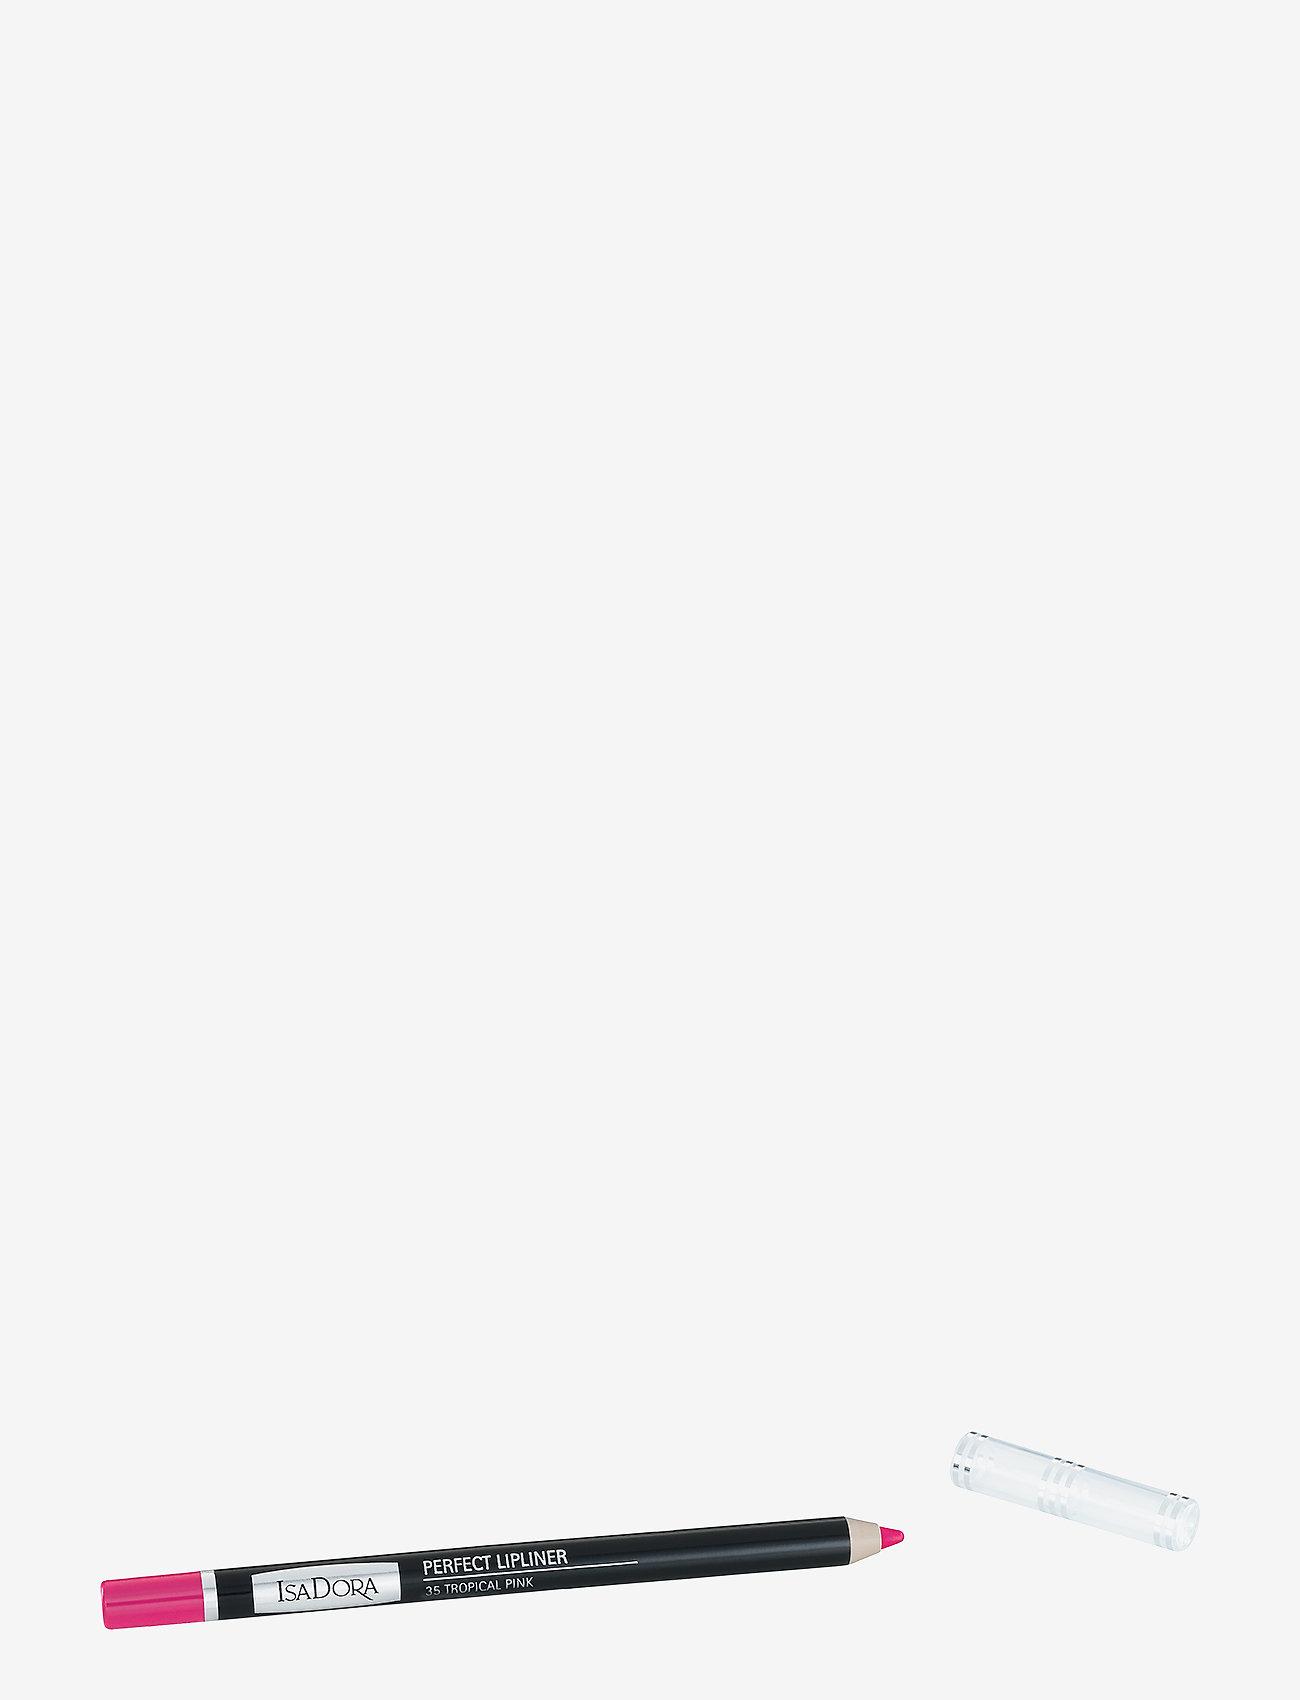 Isadora - PERFECT LIPLINER - läppenna - 035 tropic - 0